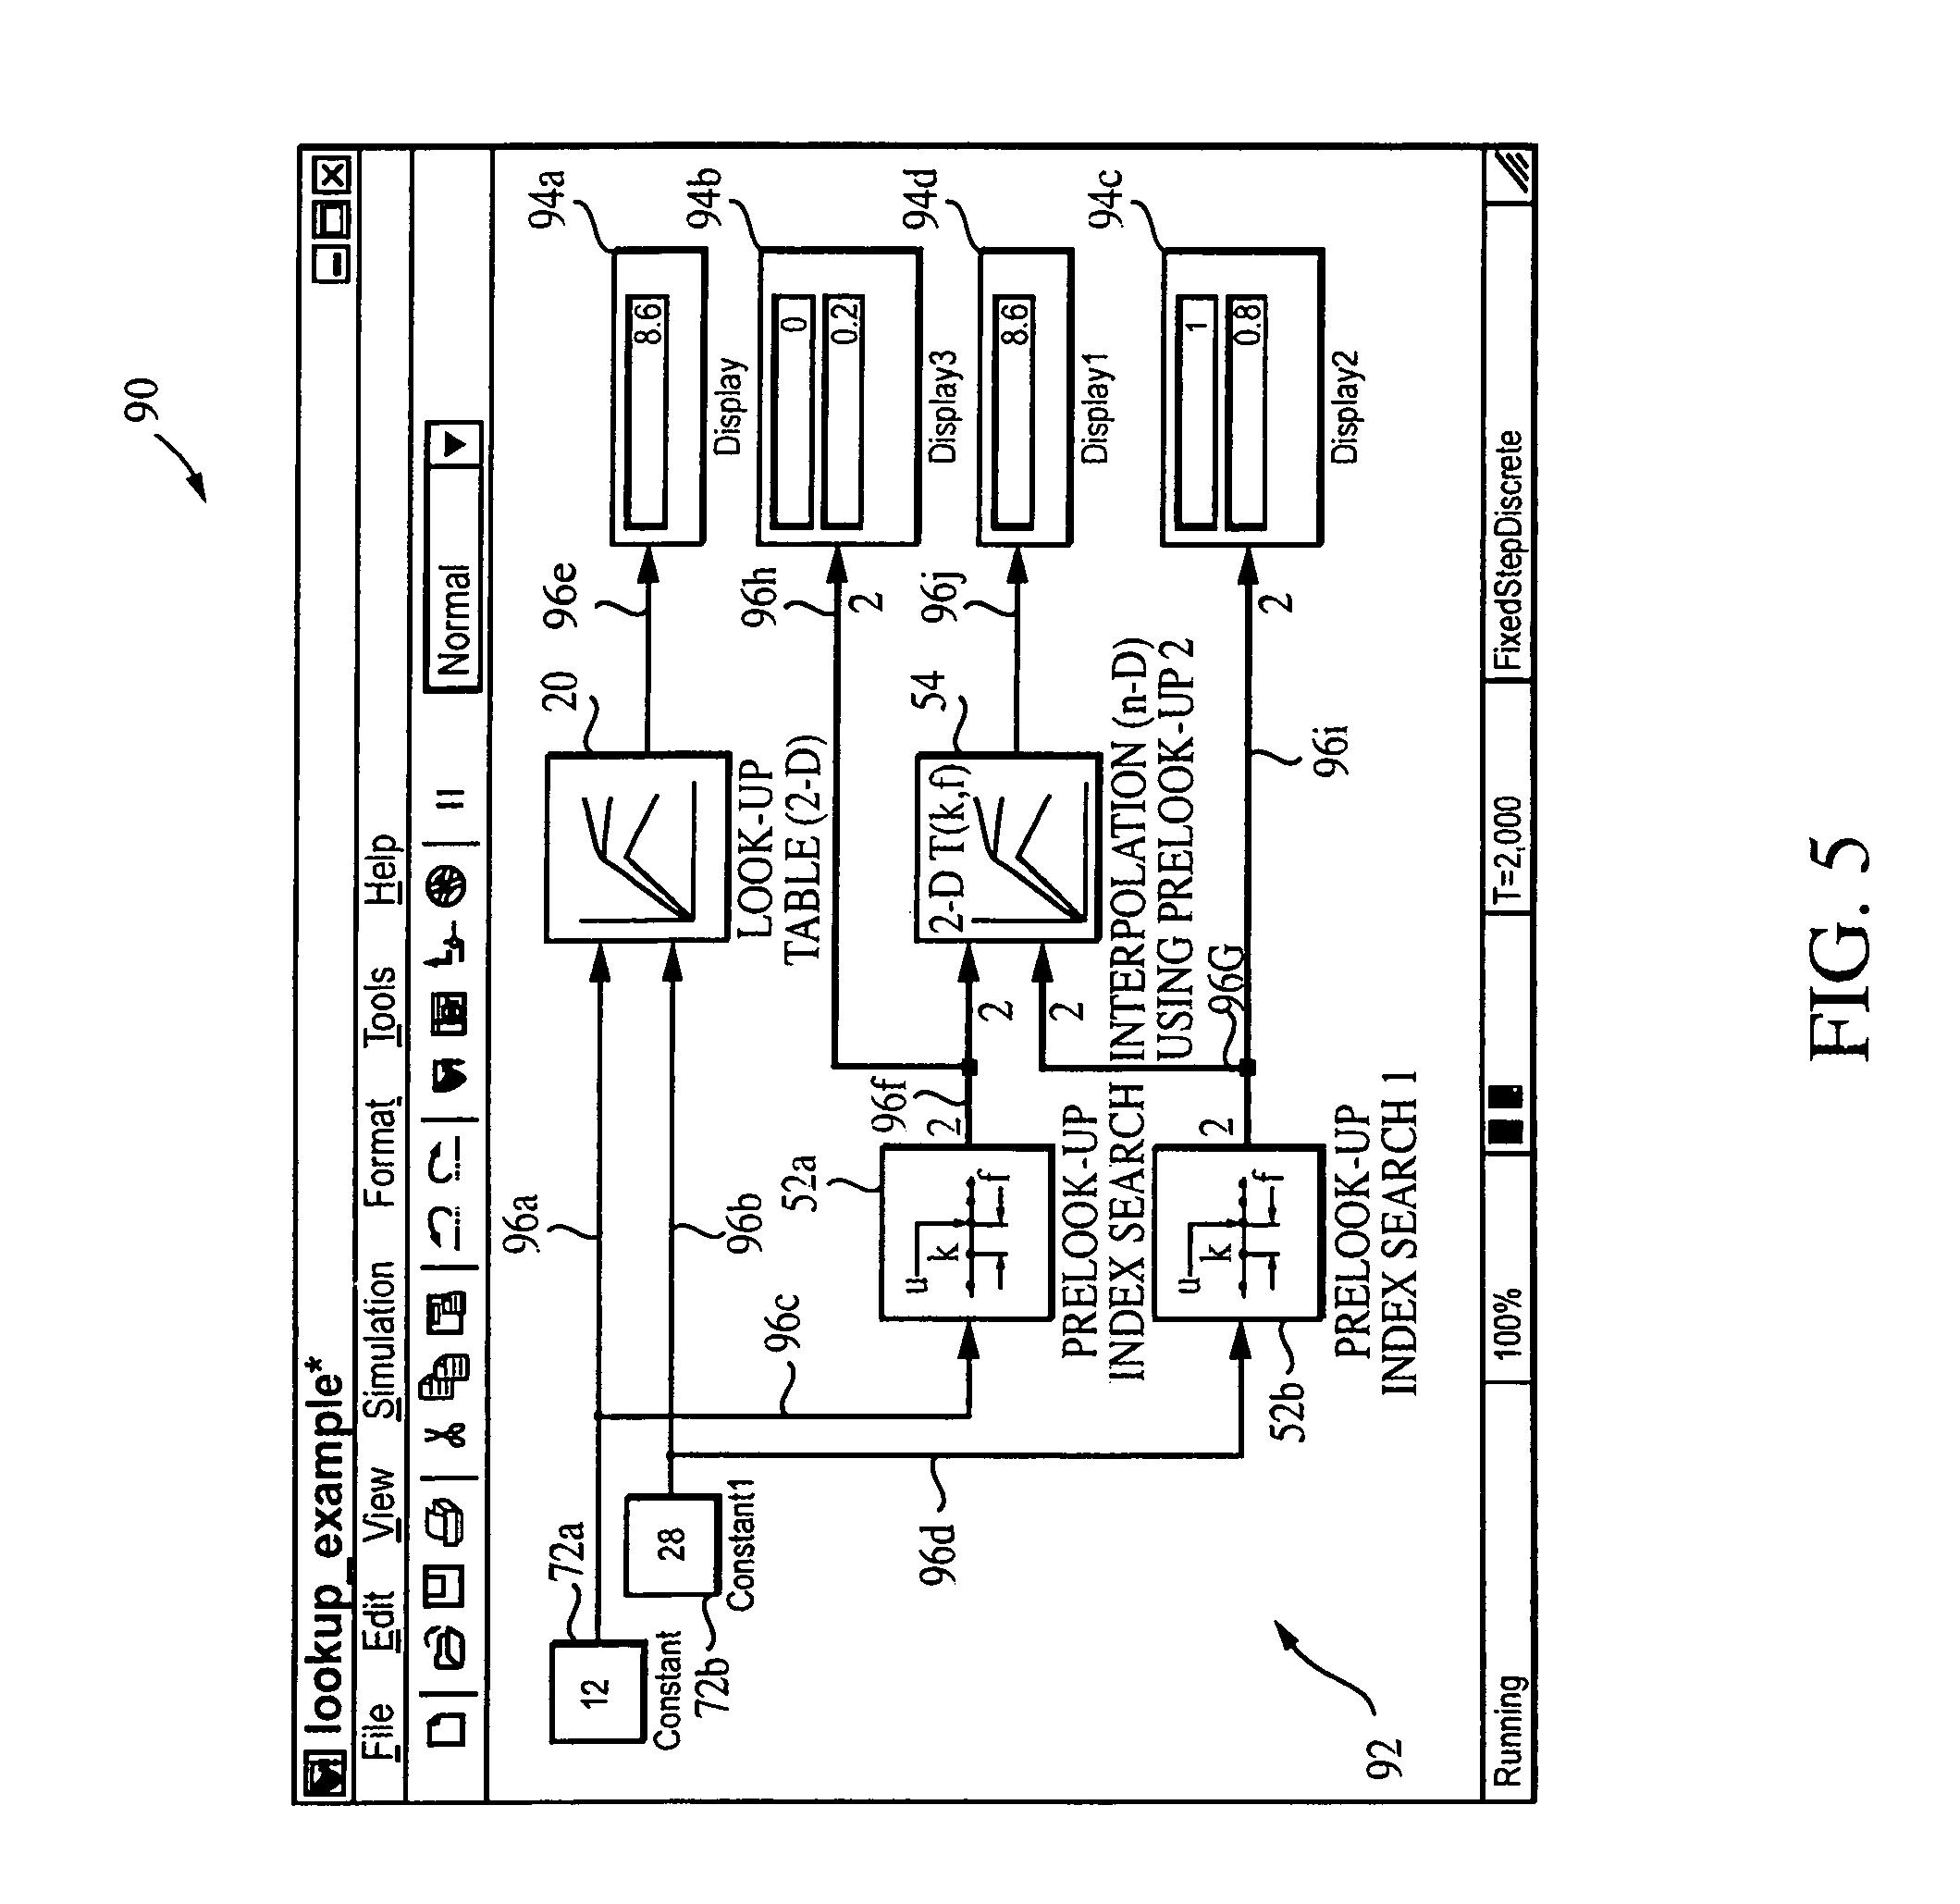 patent us8234625